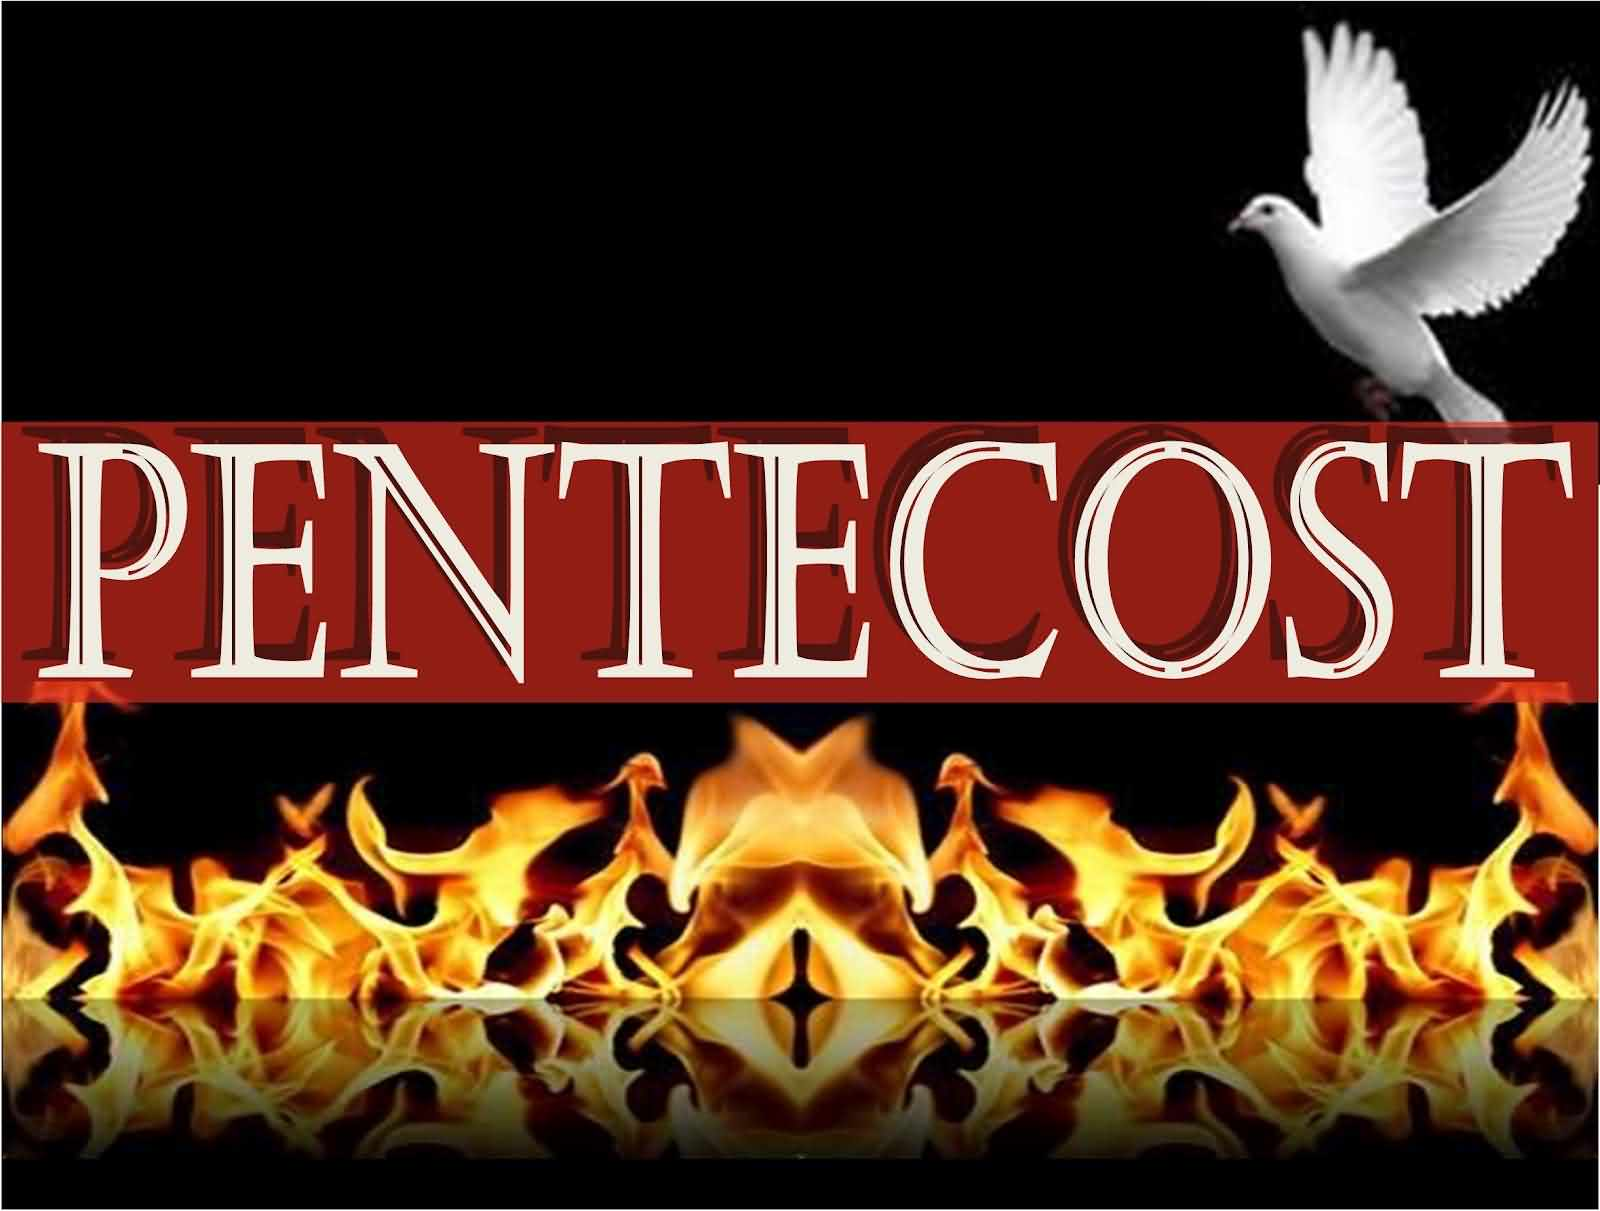 Catholic Greetings Pentecost Images